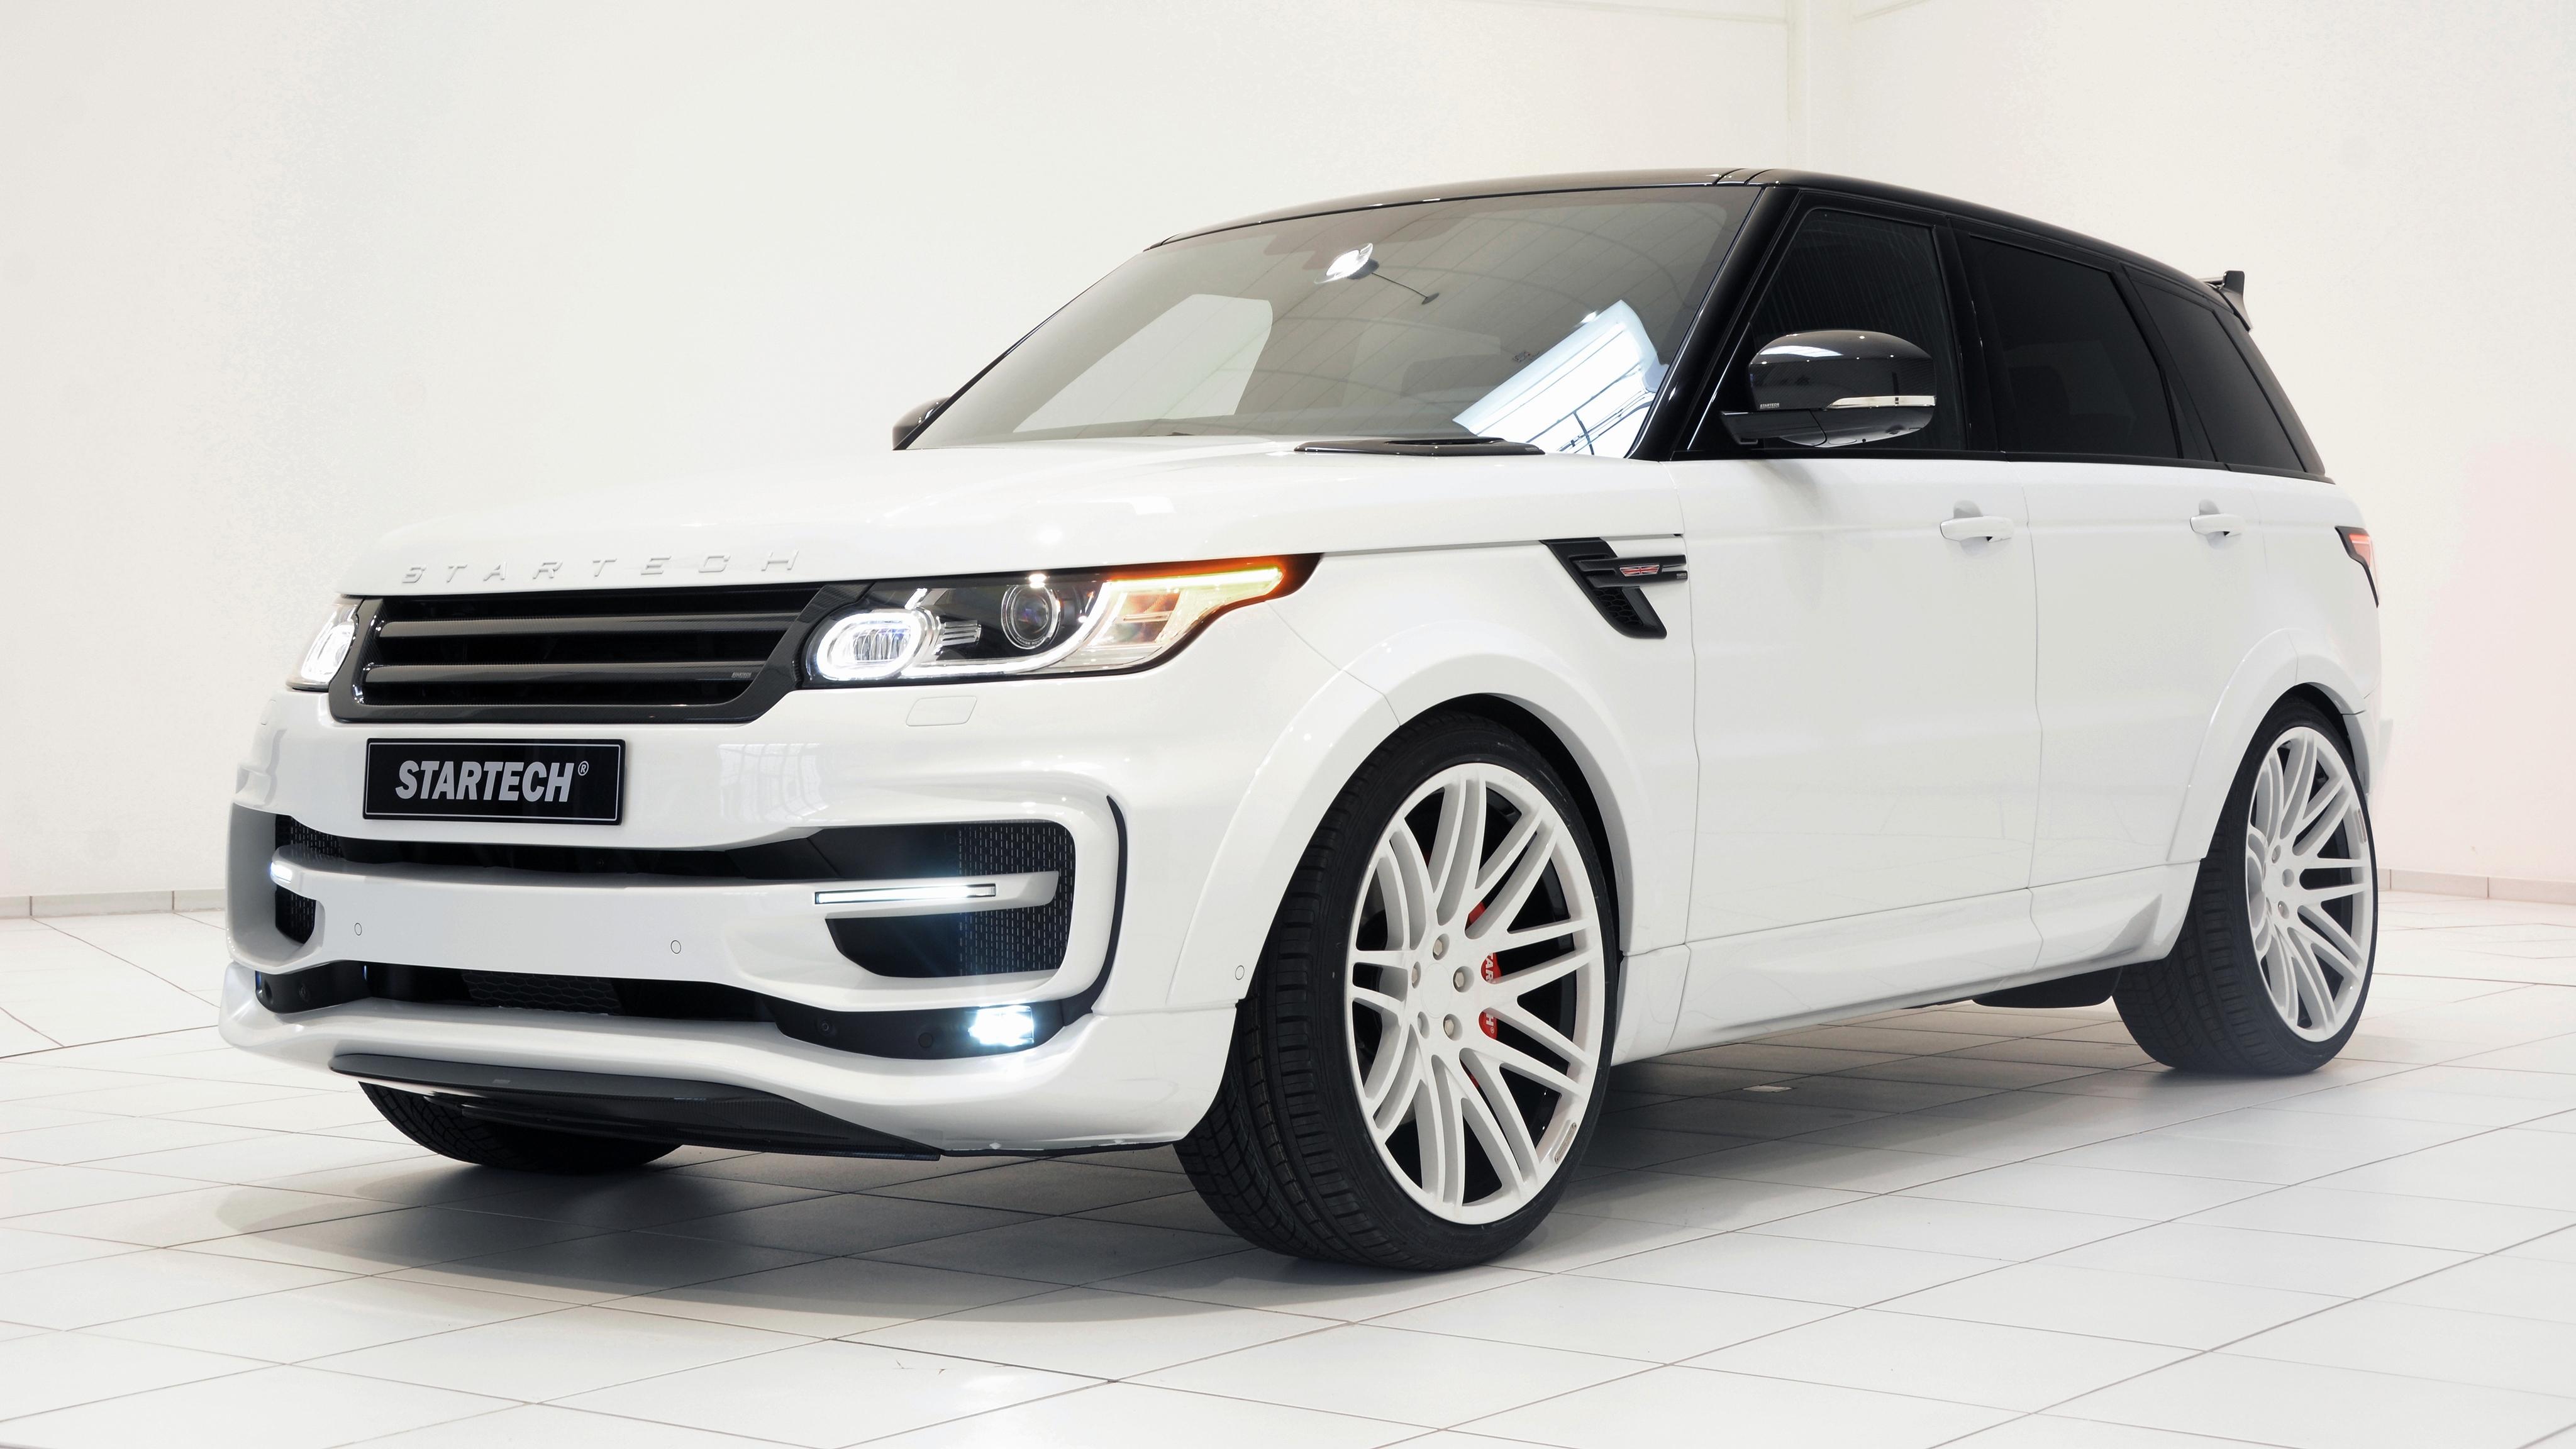 59700 скачать обои Тачки (Cars), Рендж Ровер (Range Rover), 2014, Startech, Белый, Вид Сбоку - заставки и картинки бесплатно